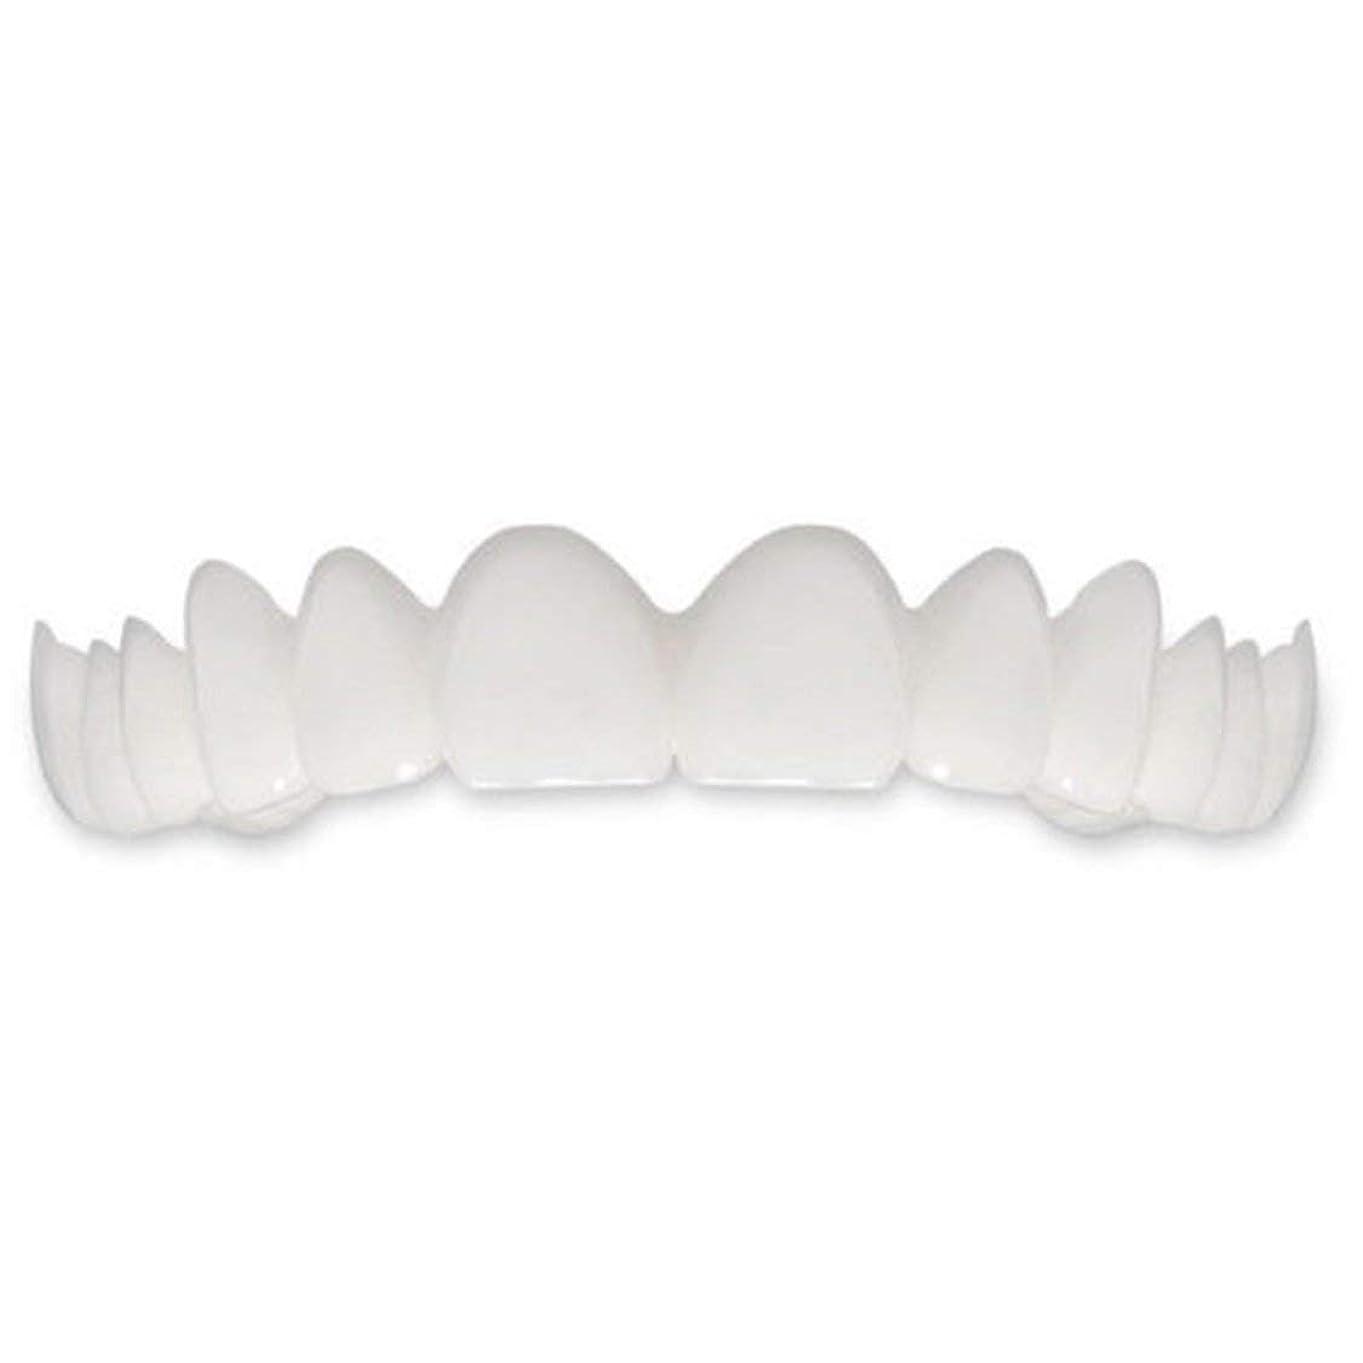 習字嫌がる無許可歯インスタントパーフェクトスマイルフレックス歯ホワイトニングスマイルフォールスティースカバー(ホワイト)